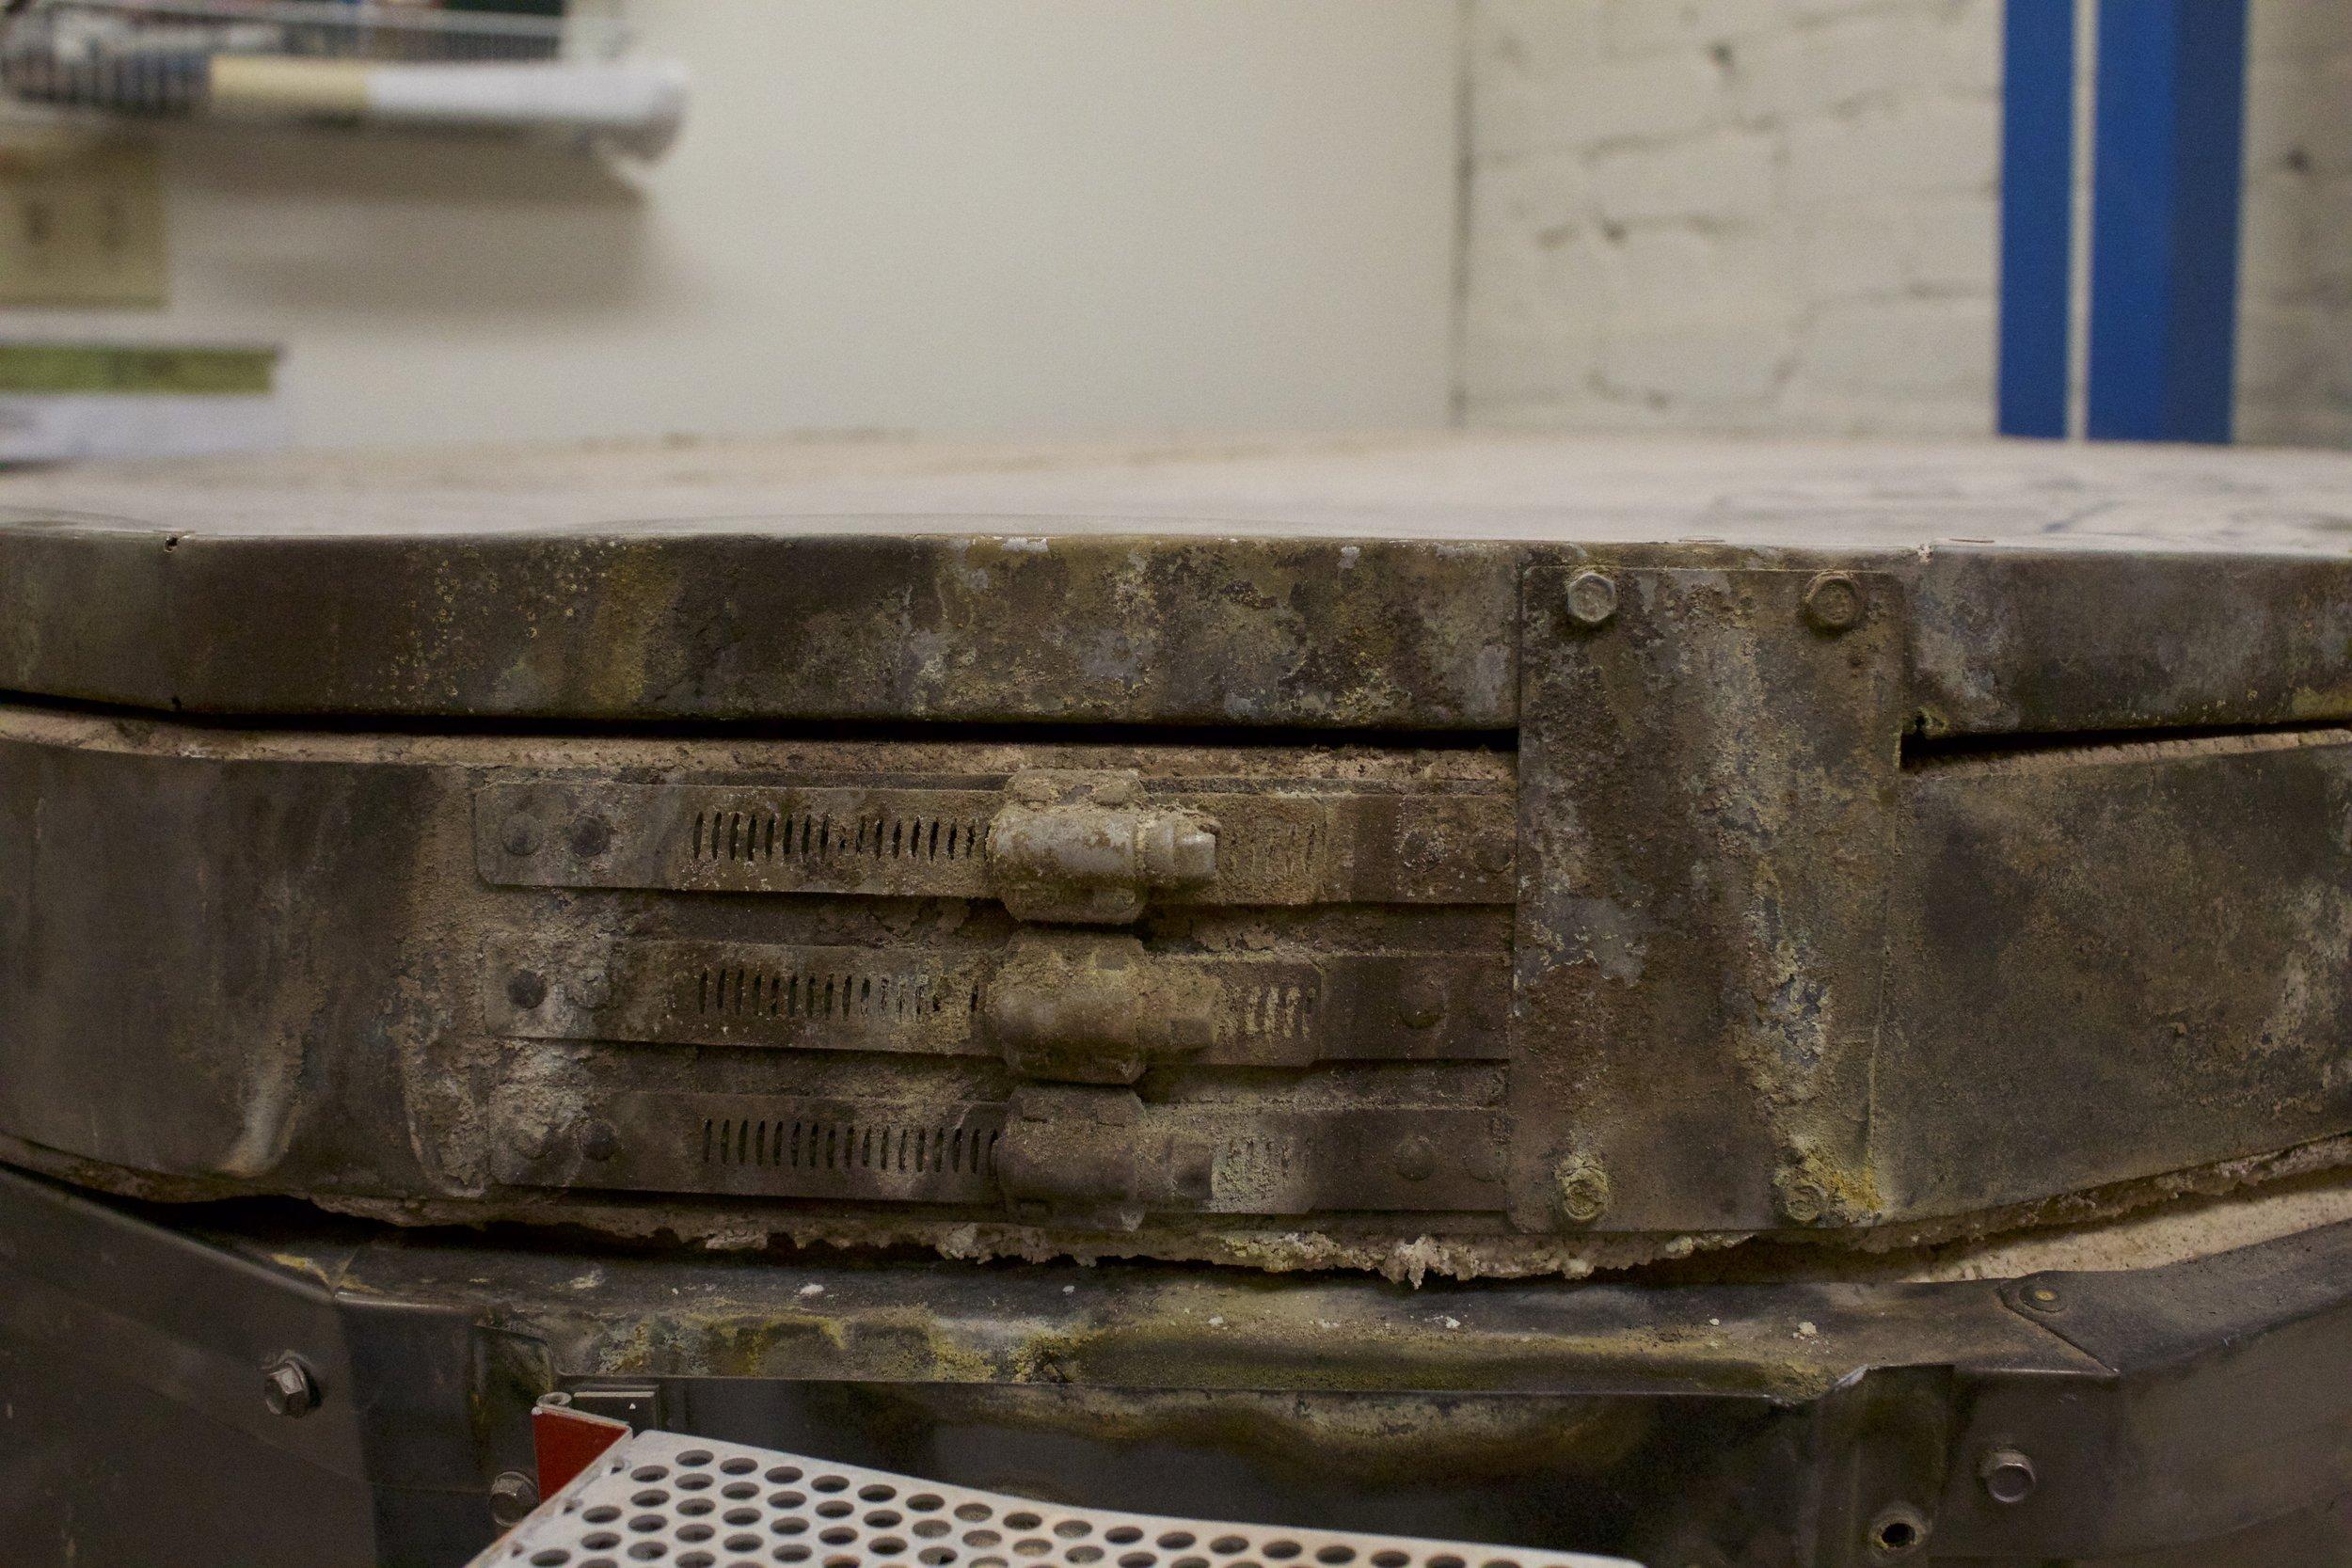 moisture damage from firing wet work